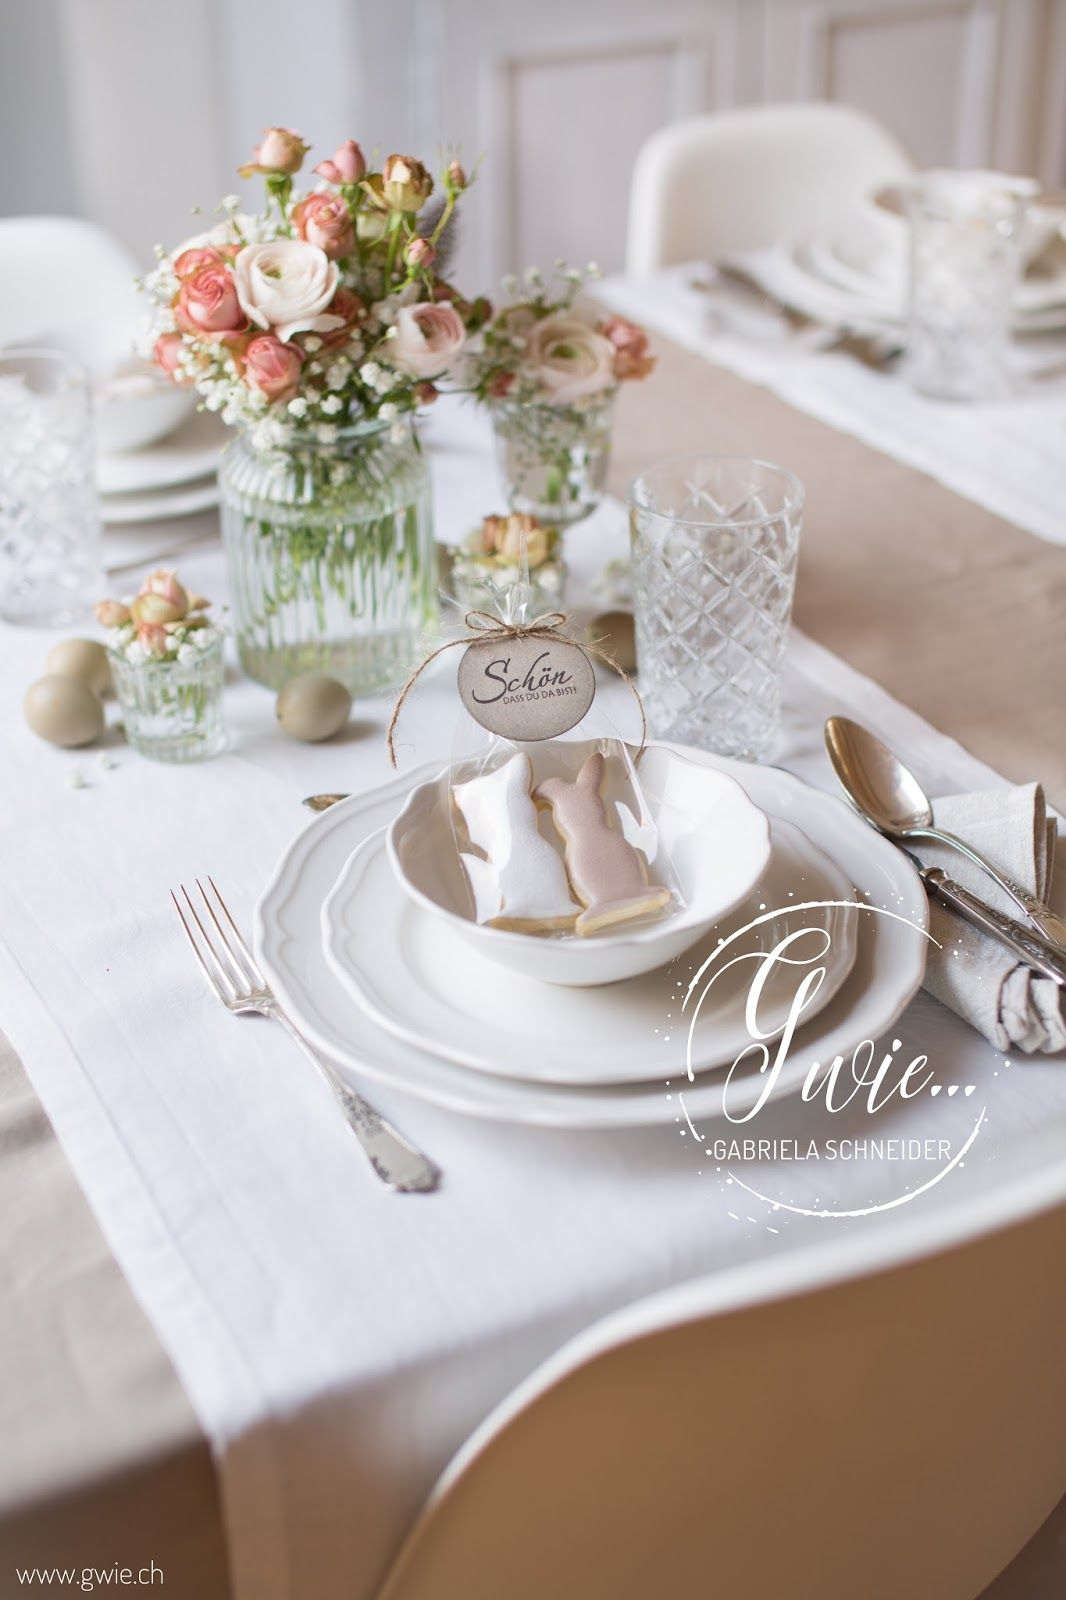 Tisch Gedeckt Tischdeko Tisch Eindecken Ostern